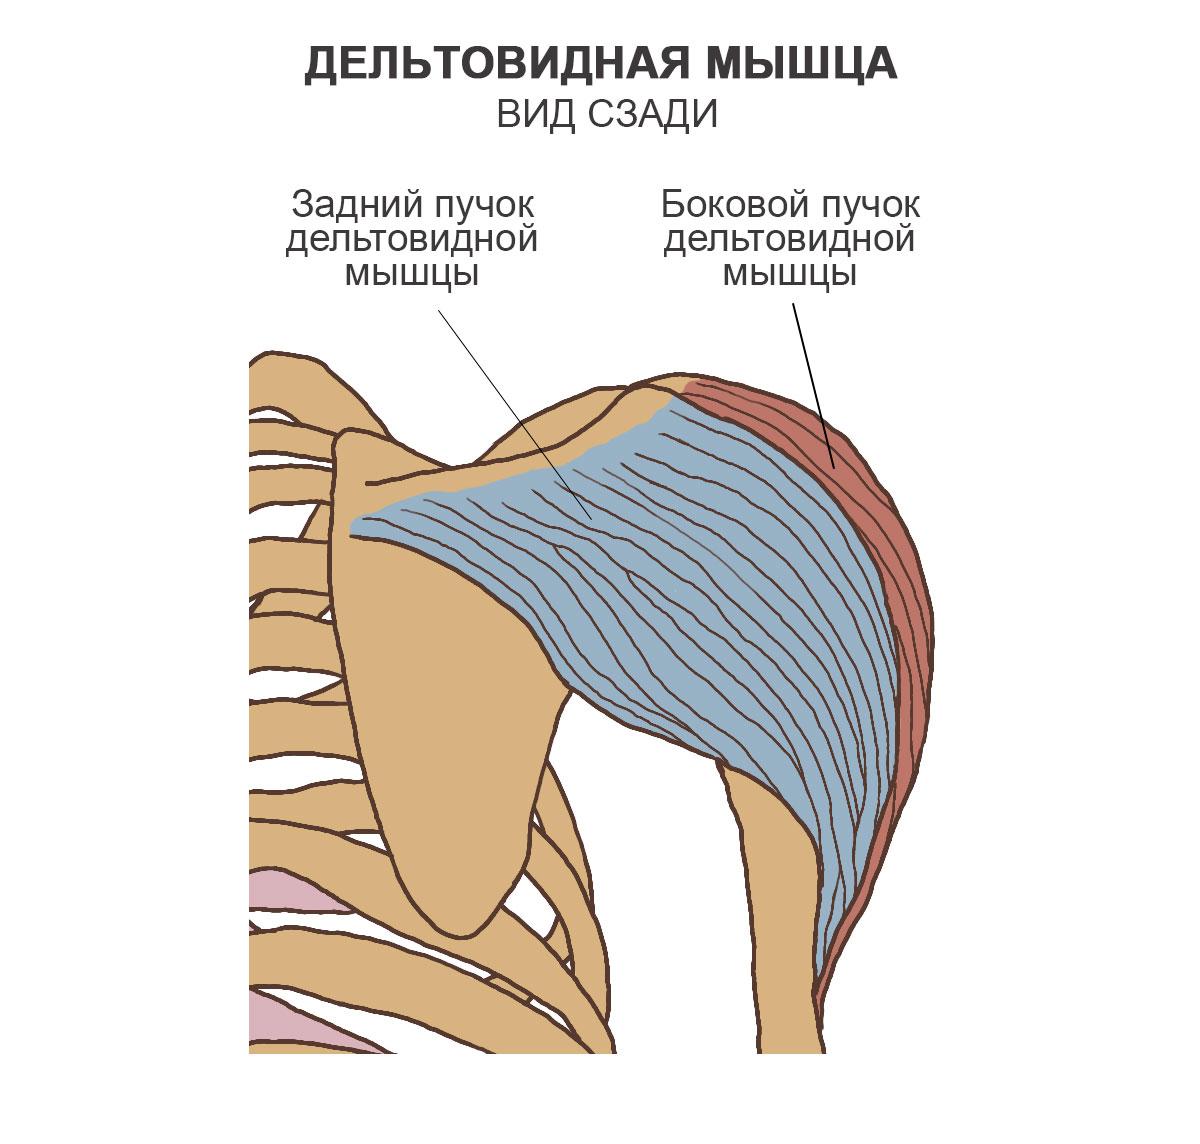 MRI INY liigesed